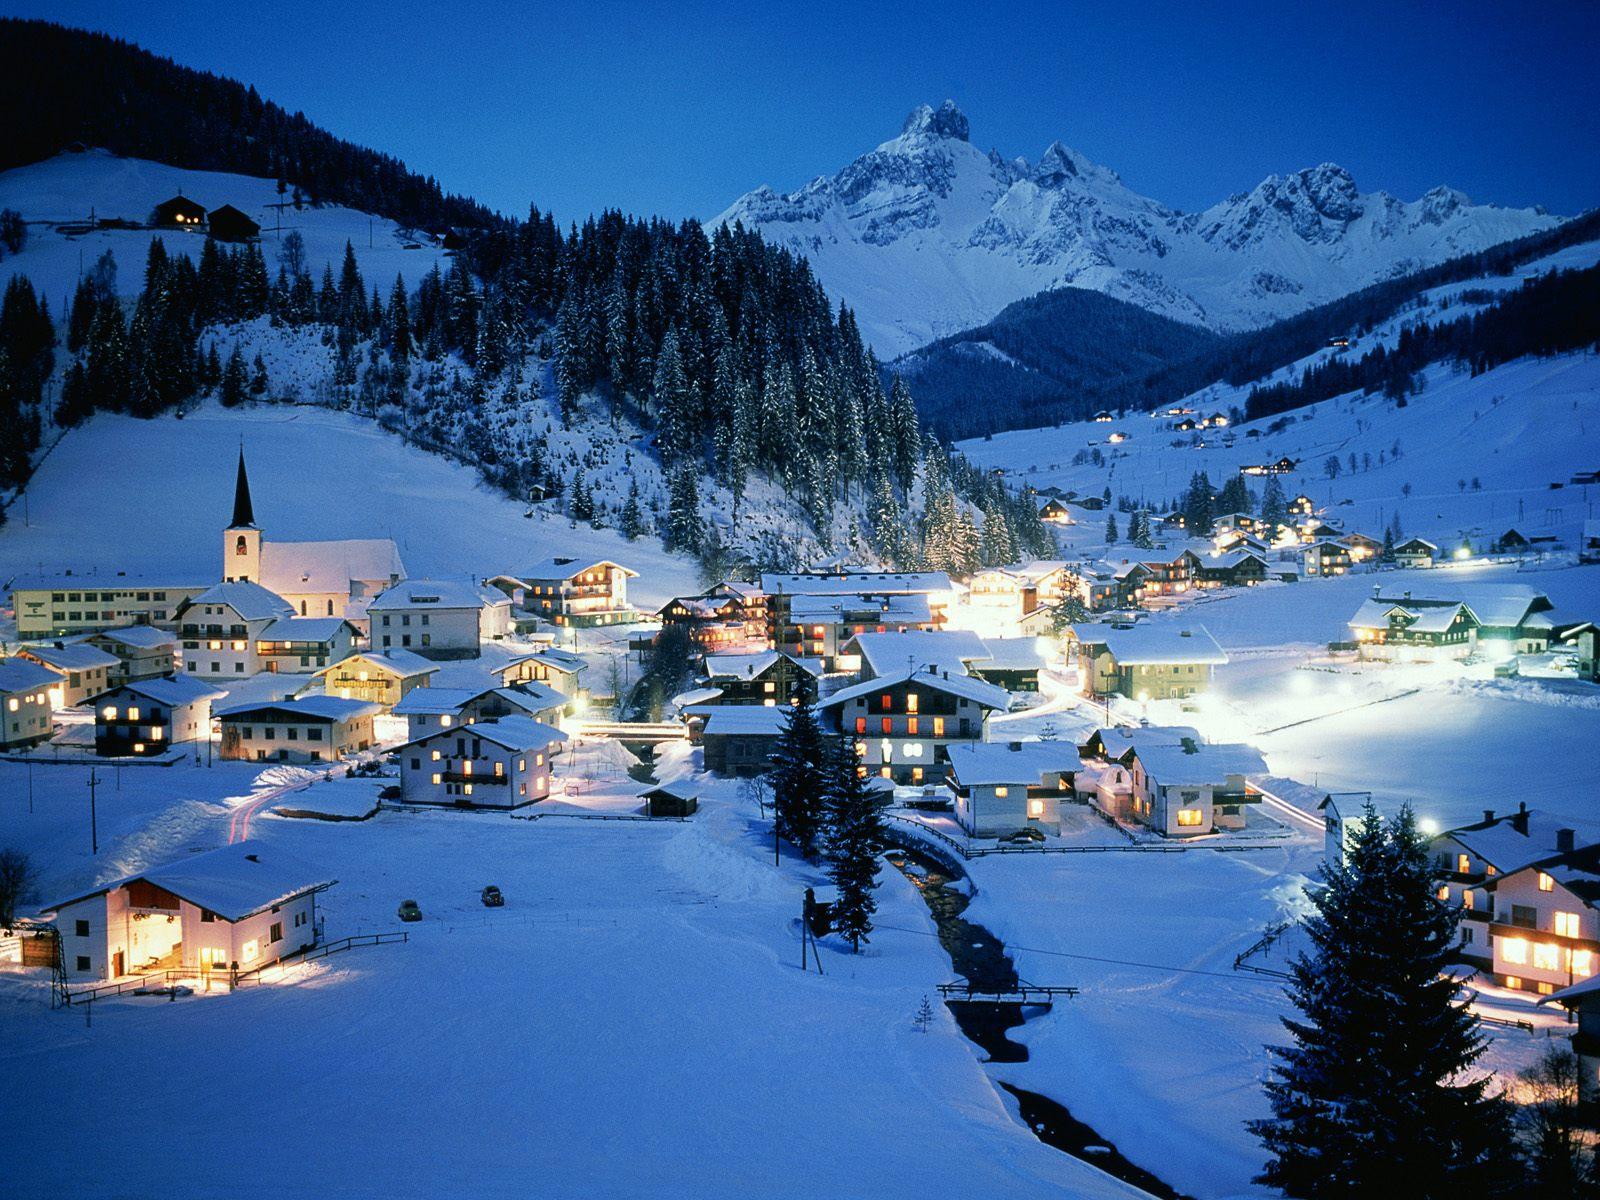 Курорты Европы предлагают ночное катание